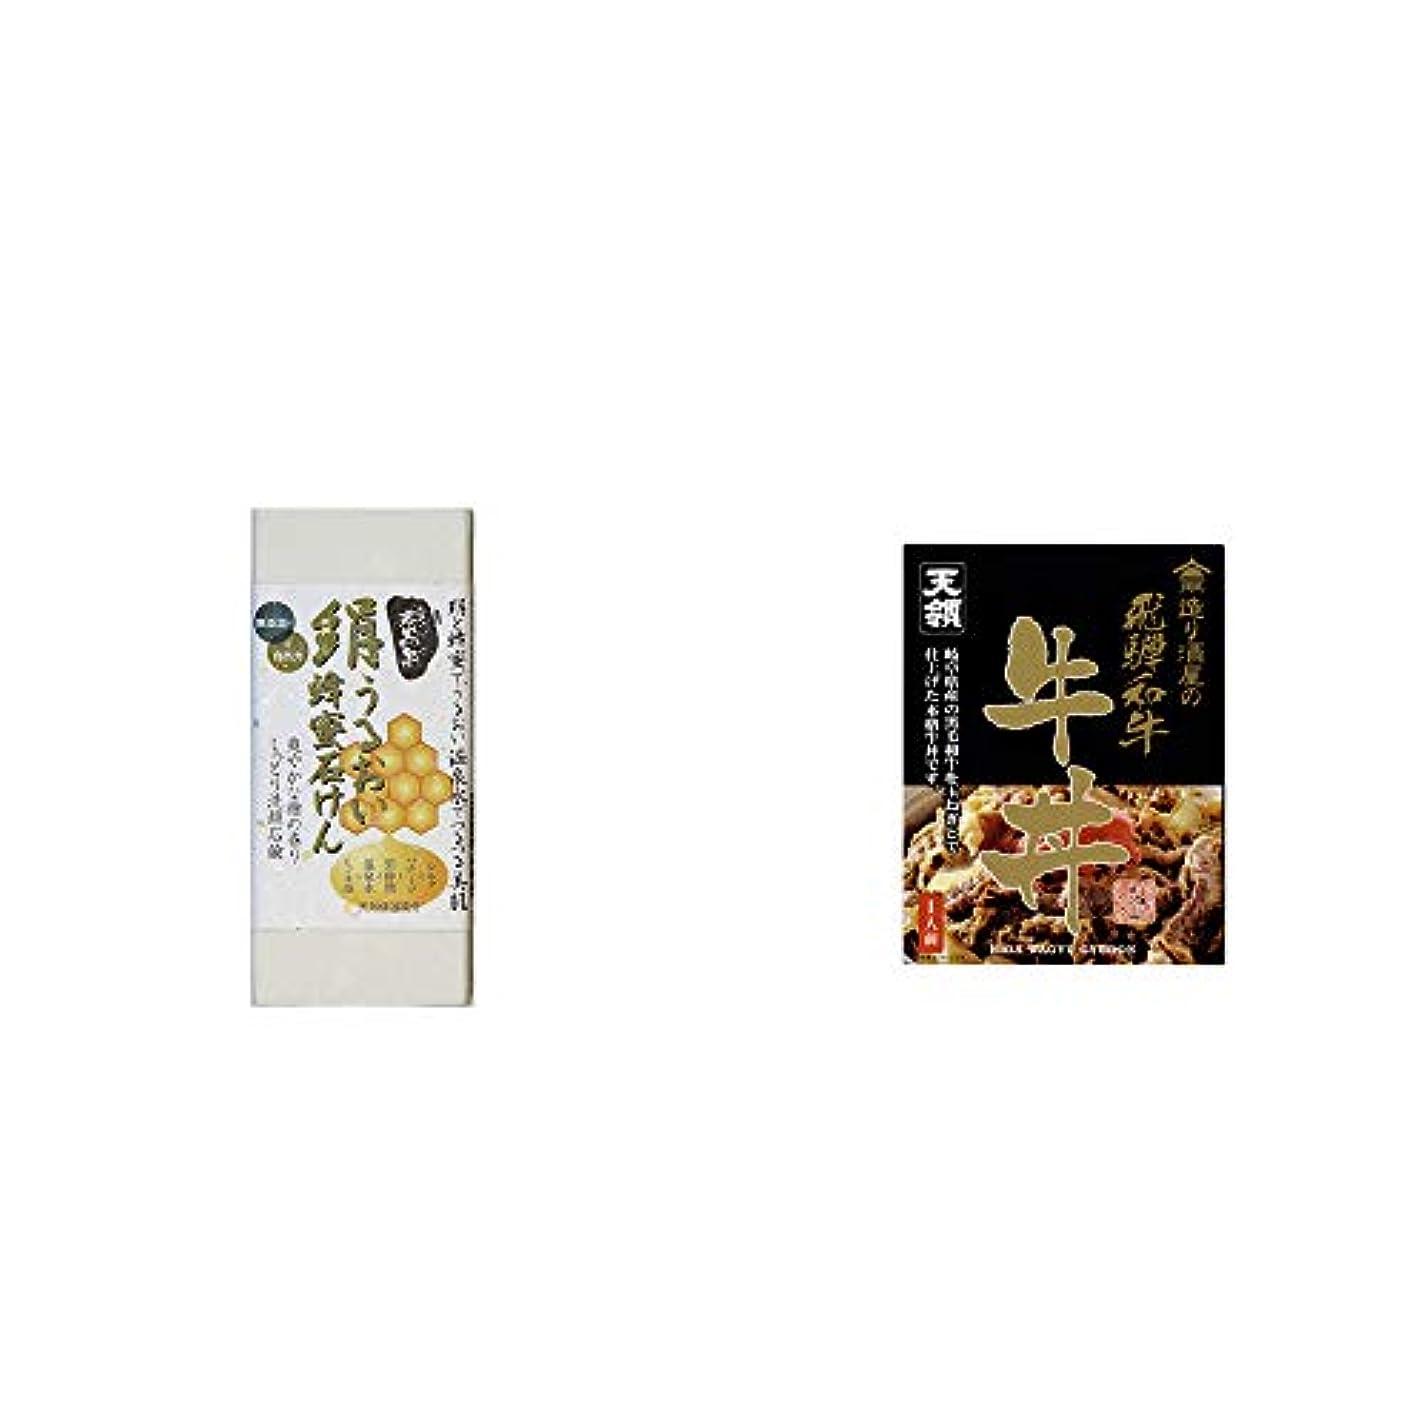 [2点セット] ひのき炭黒泉 絹うるおい蜂蜜石けん(75g×2)?天領酒造 造り酒屋の飛騨和牛 牛丼(1人前)